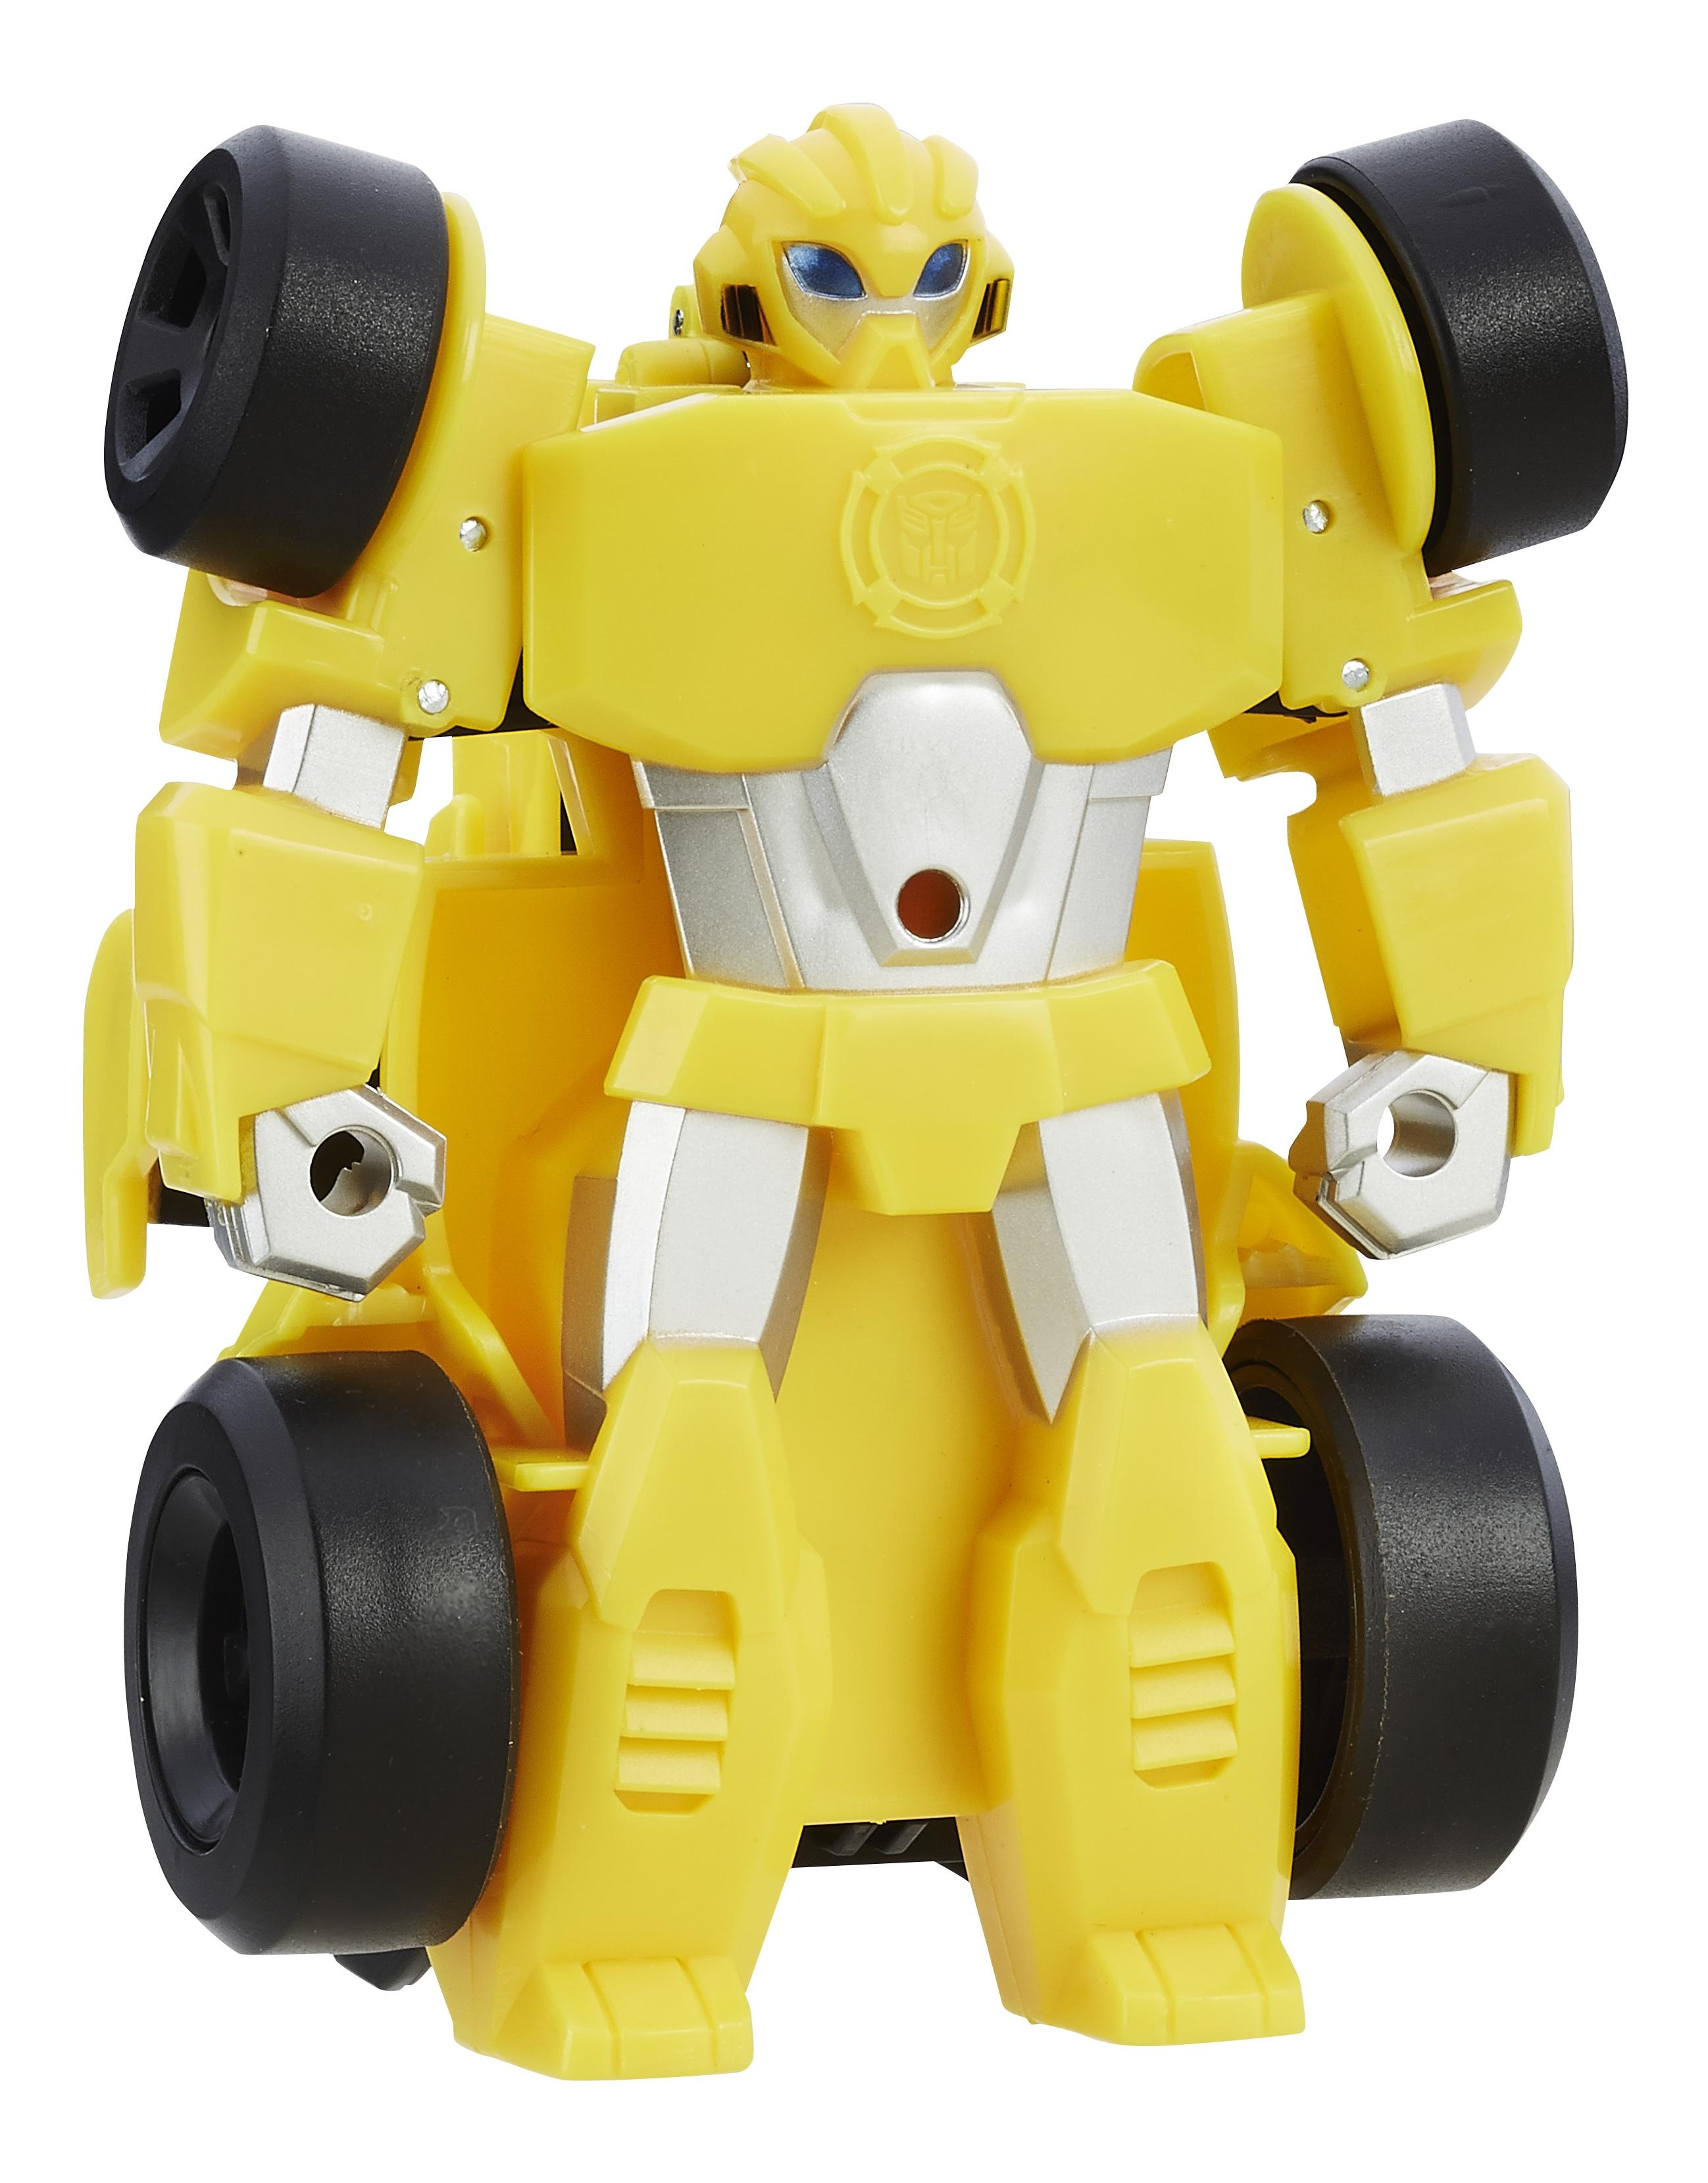 Купить Трансформеры спасатели: гоночные машинки b5582 b7131, Transformers, Игровые фигурки